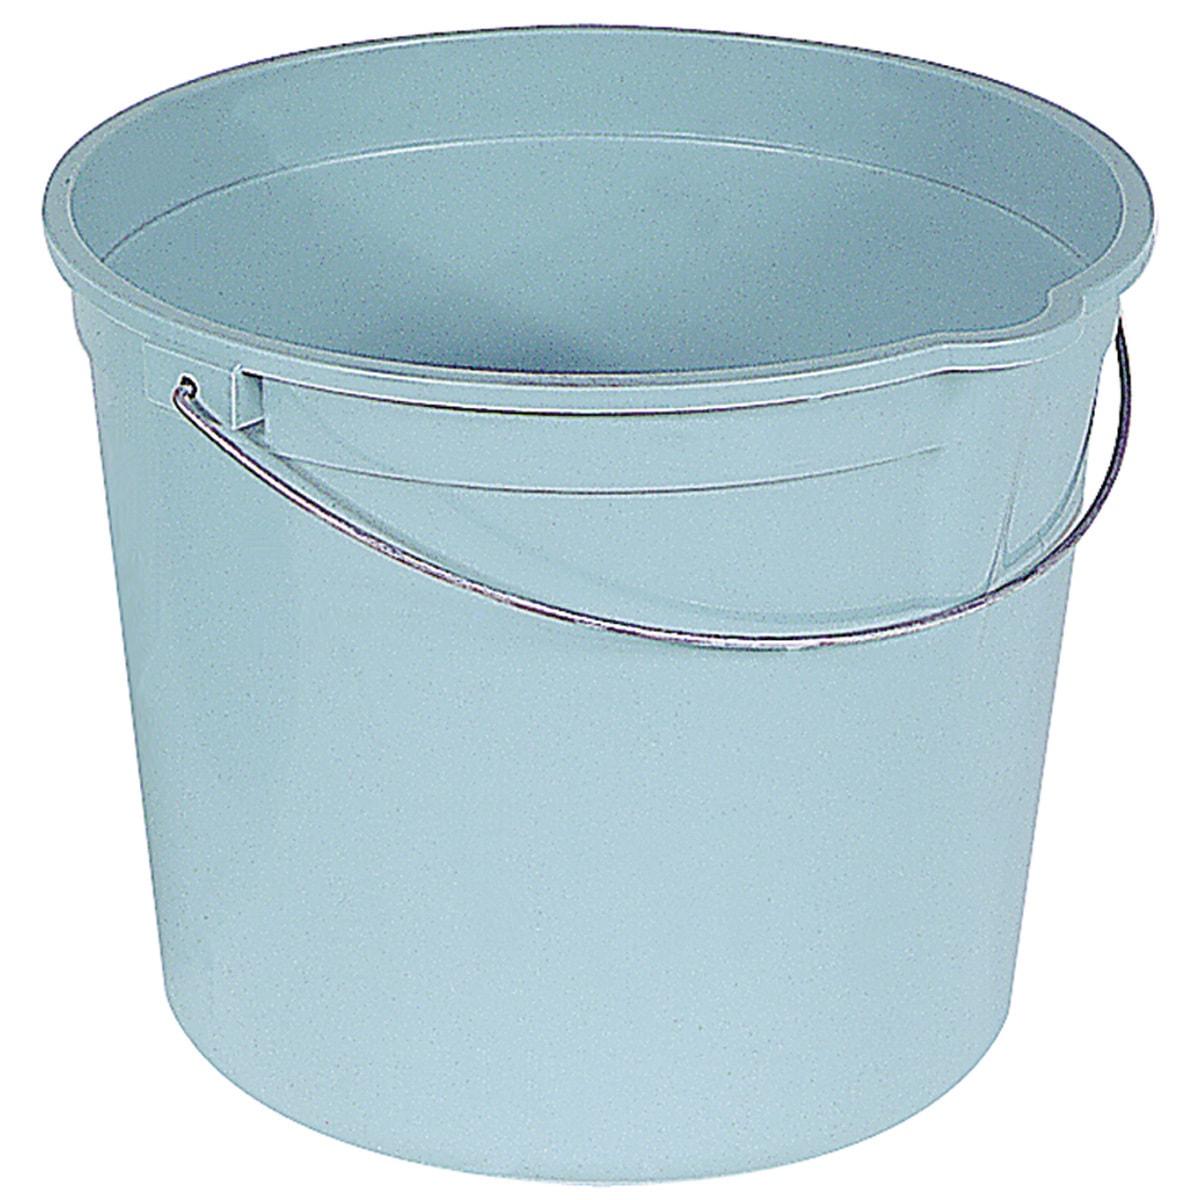 ENCORE 06192-200904 6 Quart Plastic Pail With Handle & Po...